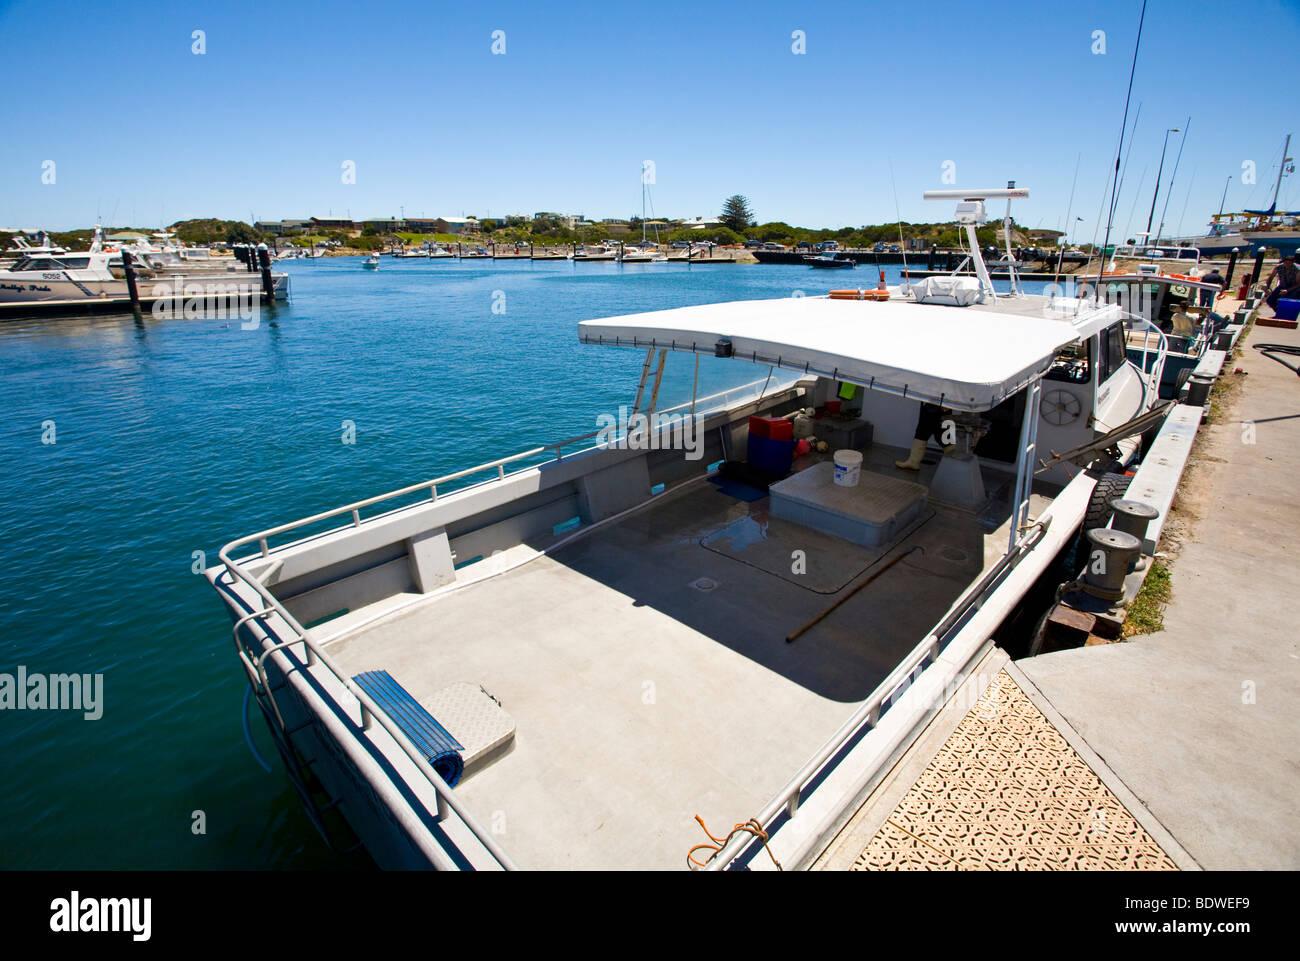 Boat in Robe Harbour, South Australia - Stock Image